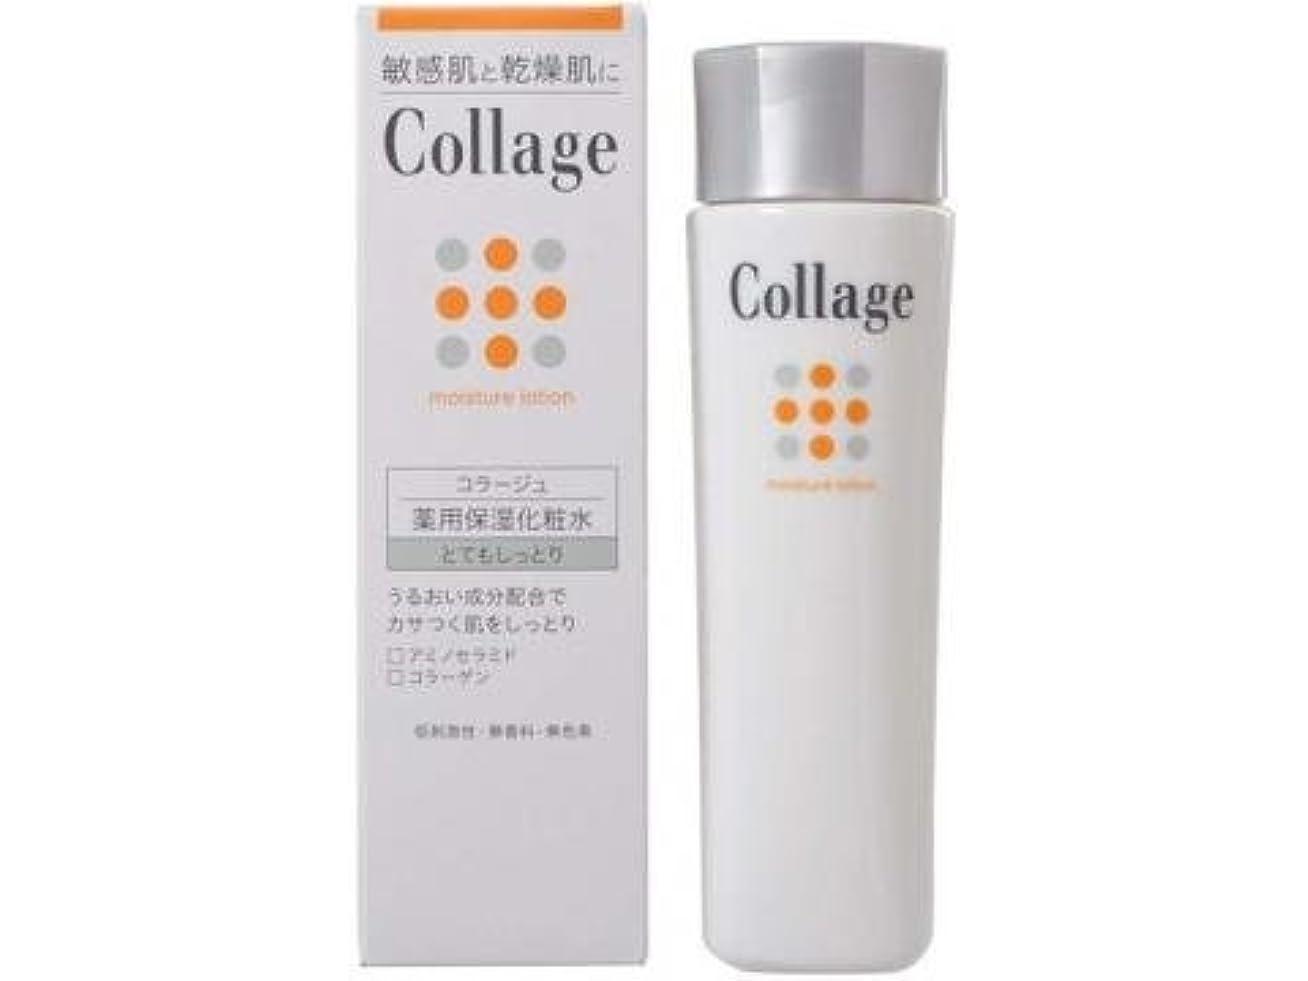 滑るジョガーグレーコラージュ 薬用保湿化粧水 とてもしっとり(120mL)×2